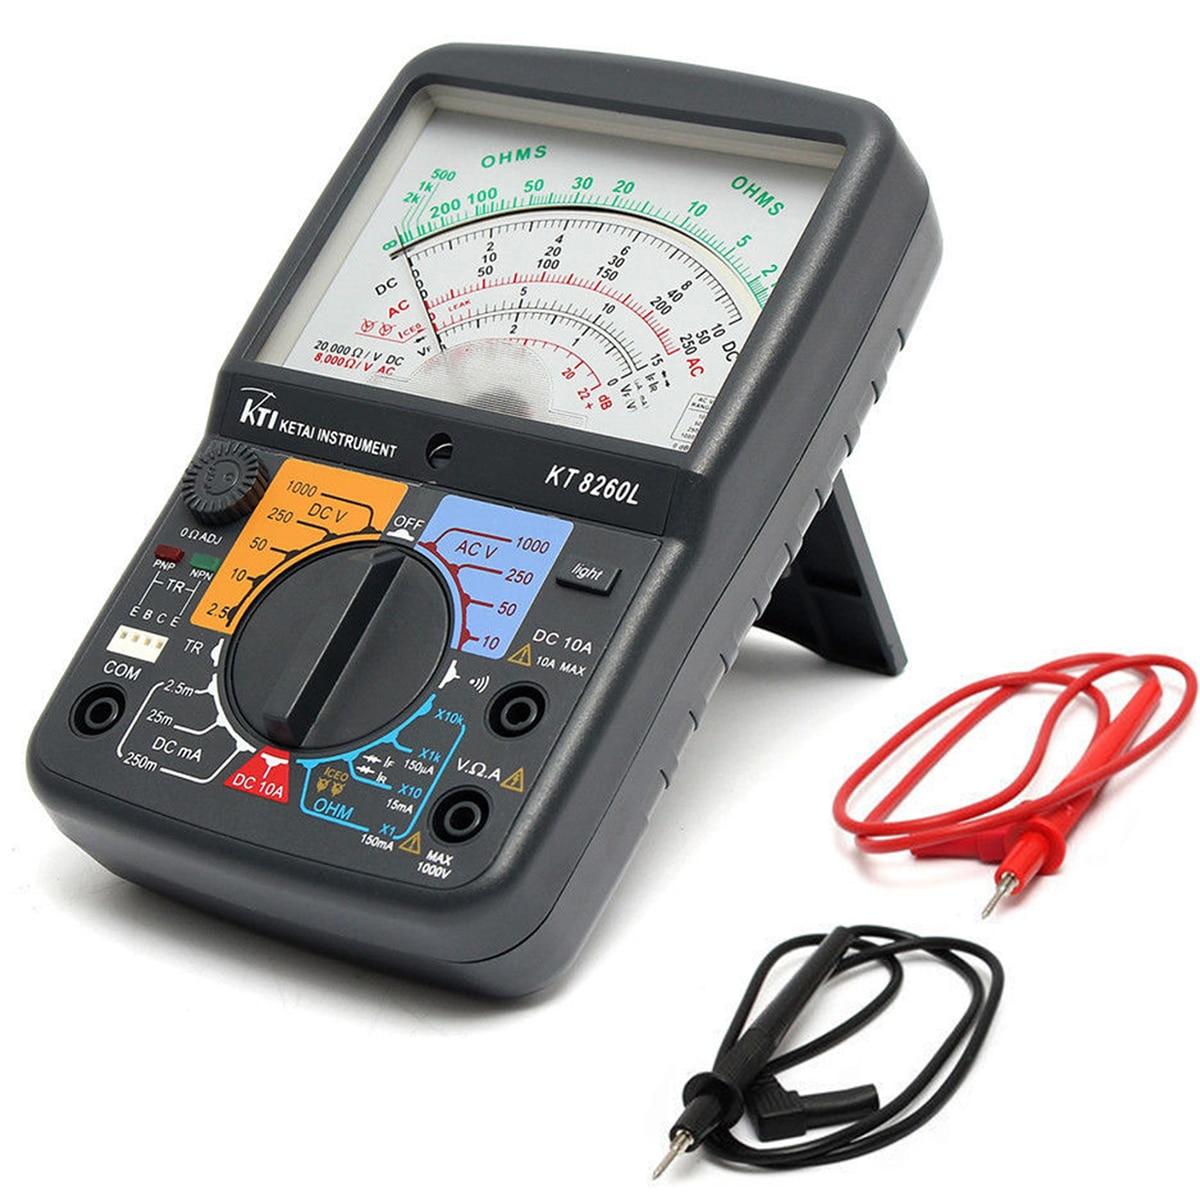 New KT8260L Digital Multimeter Analog Multimeter ACV/DCV/DCA/Electric Resistance Tester + 2pcs Test Pen